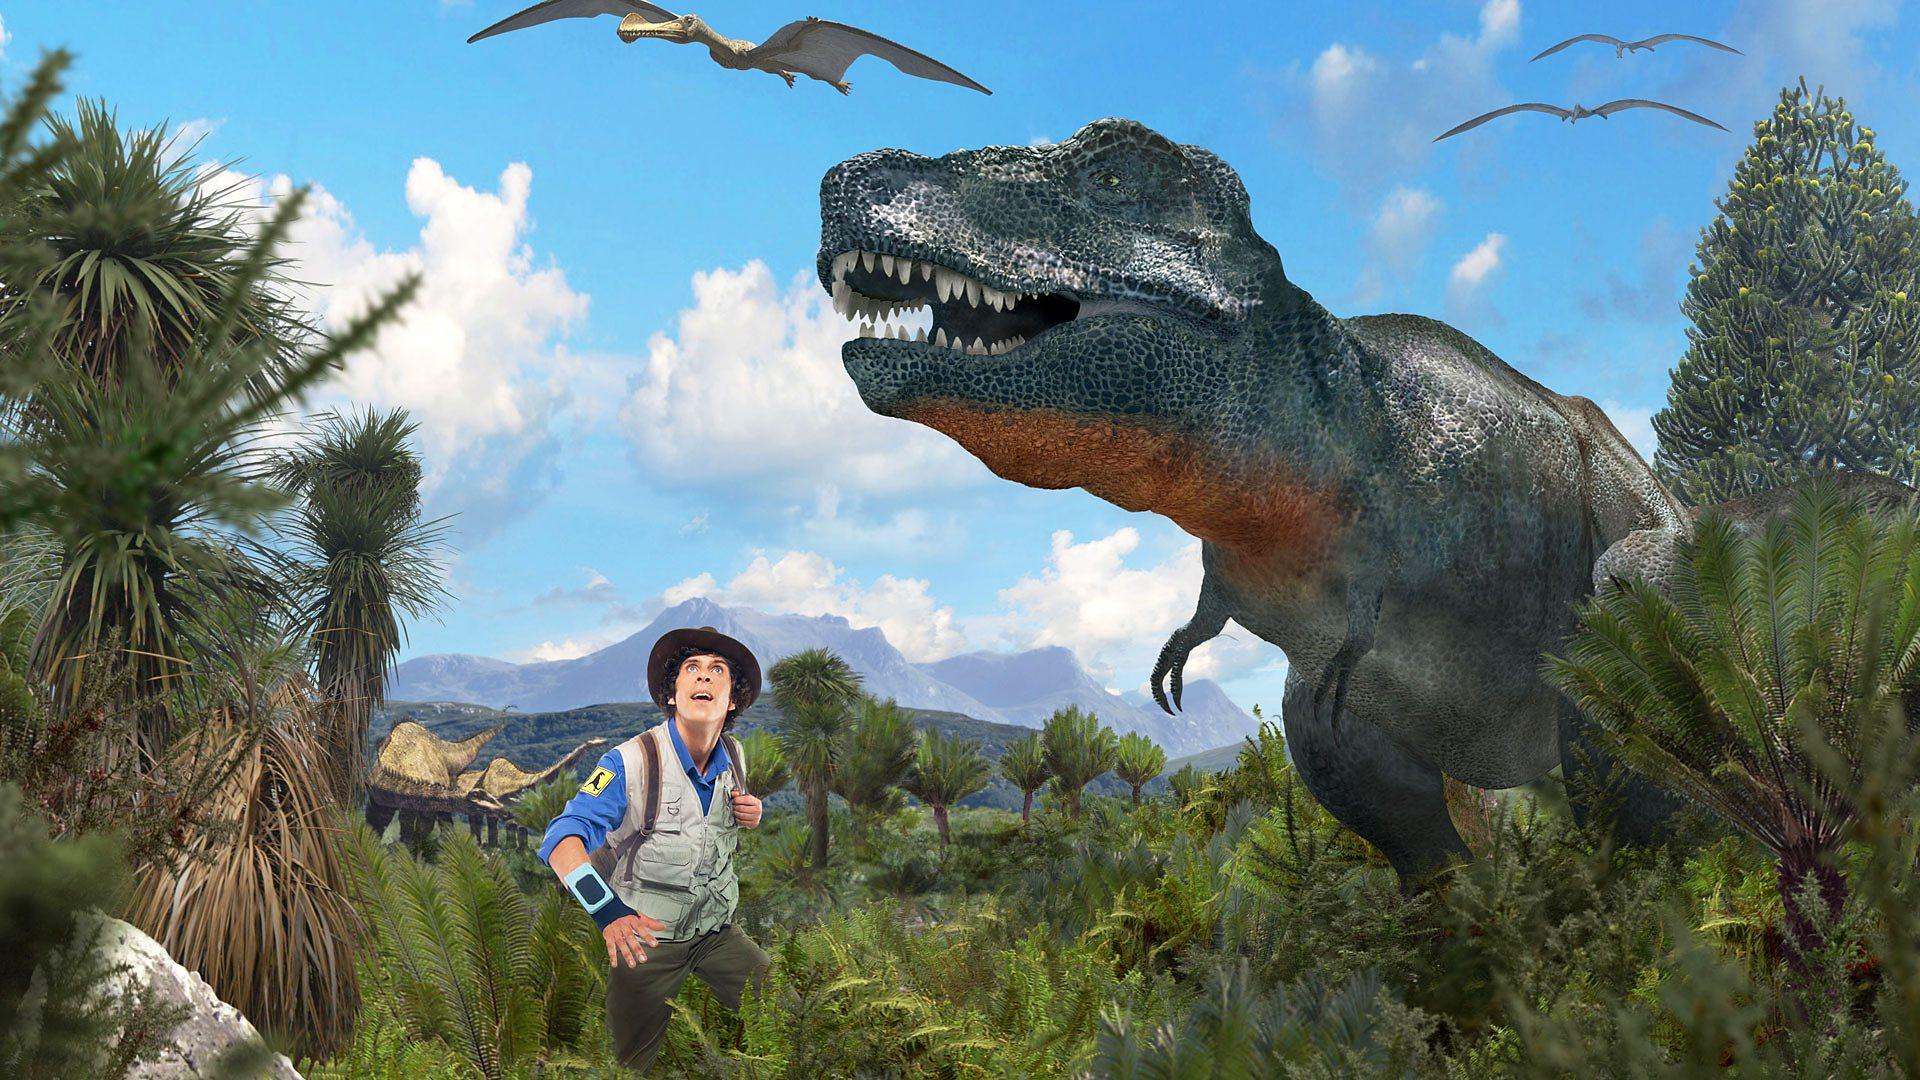 российские приключения с динозаврами картинки цепь самую маленькую